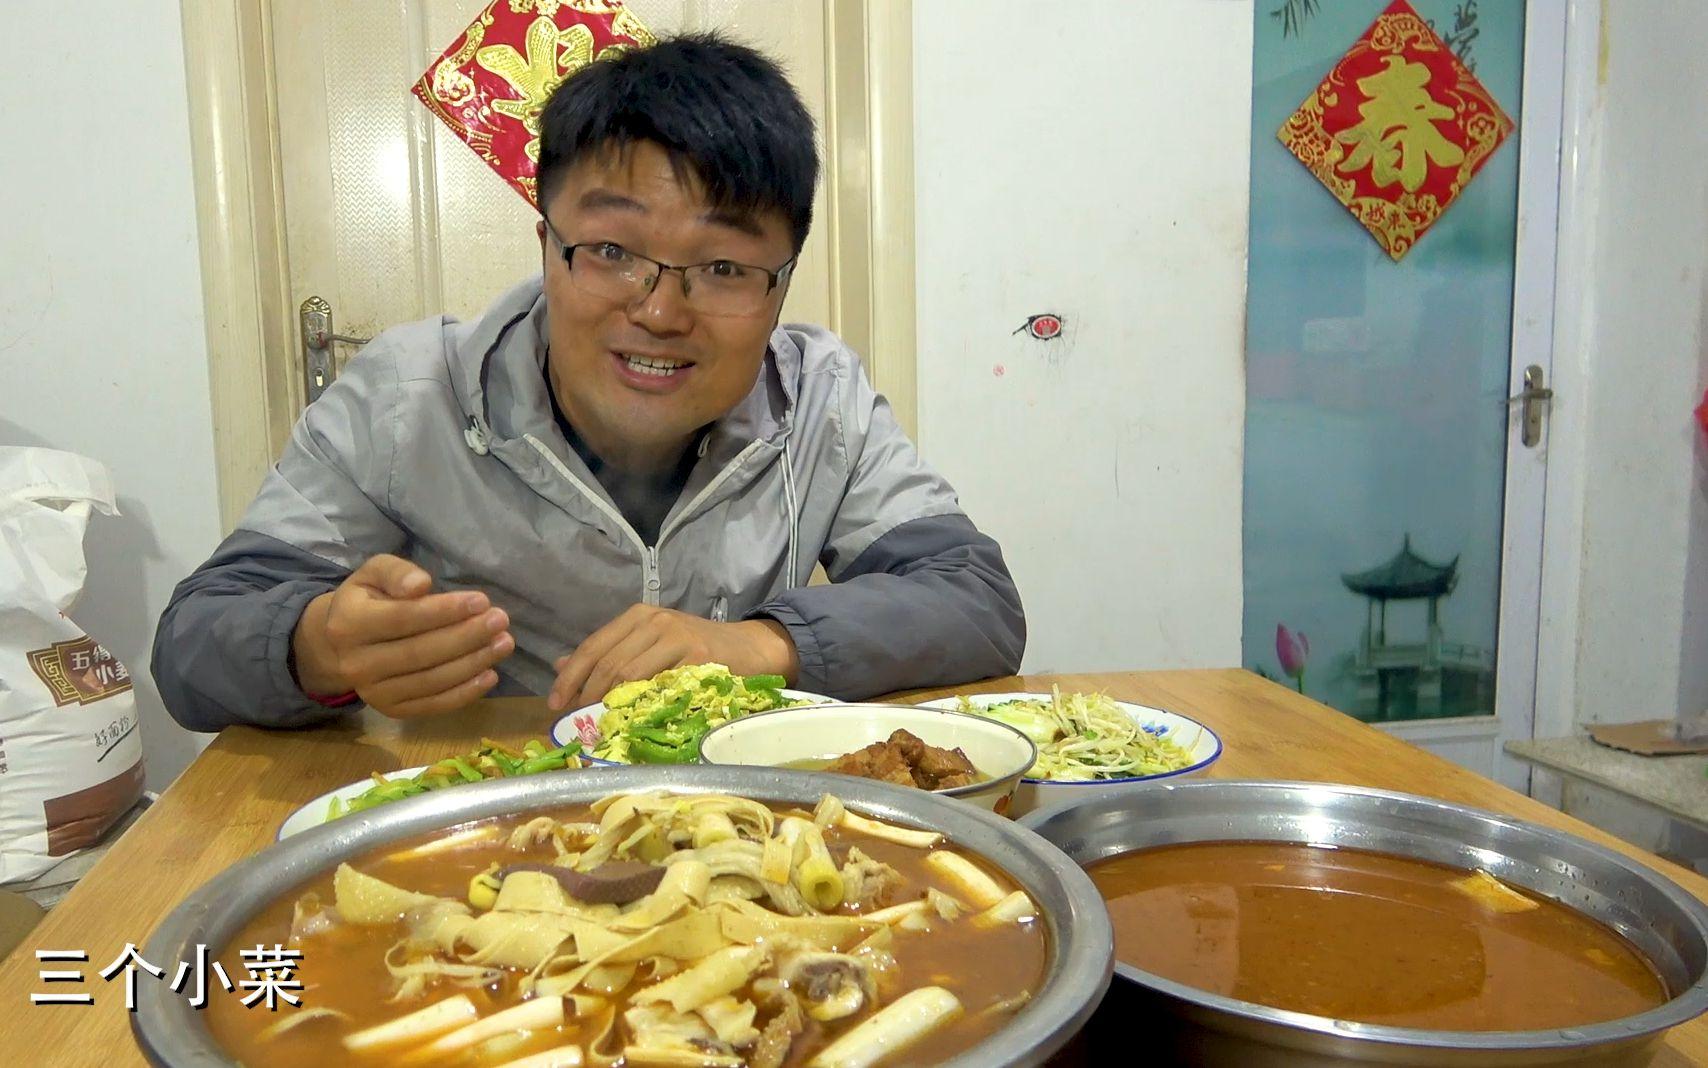 一盆椒麻雞,四個家常菜,大sao晚飯吃雞,再忙也要吃一頓好的